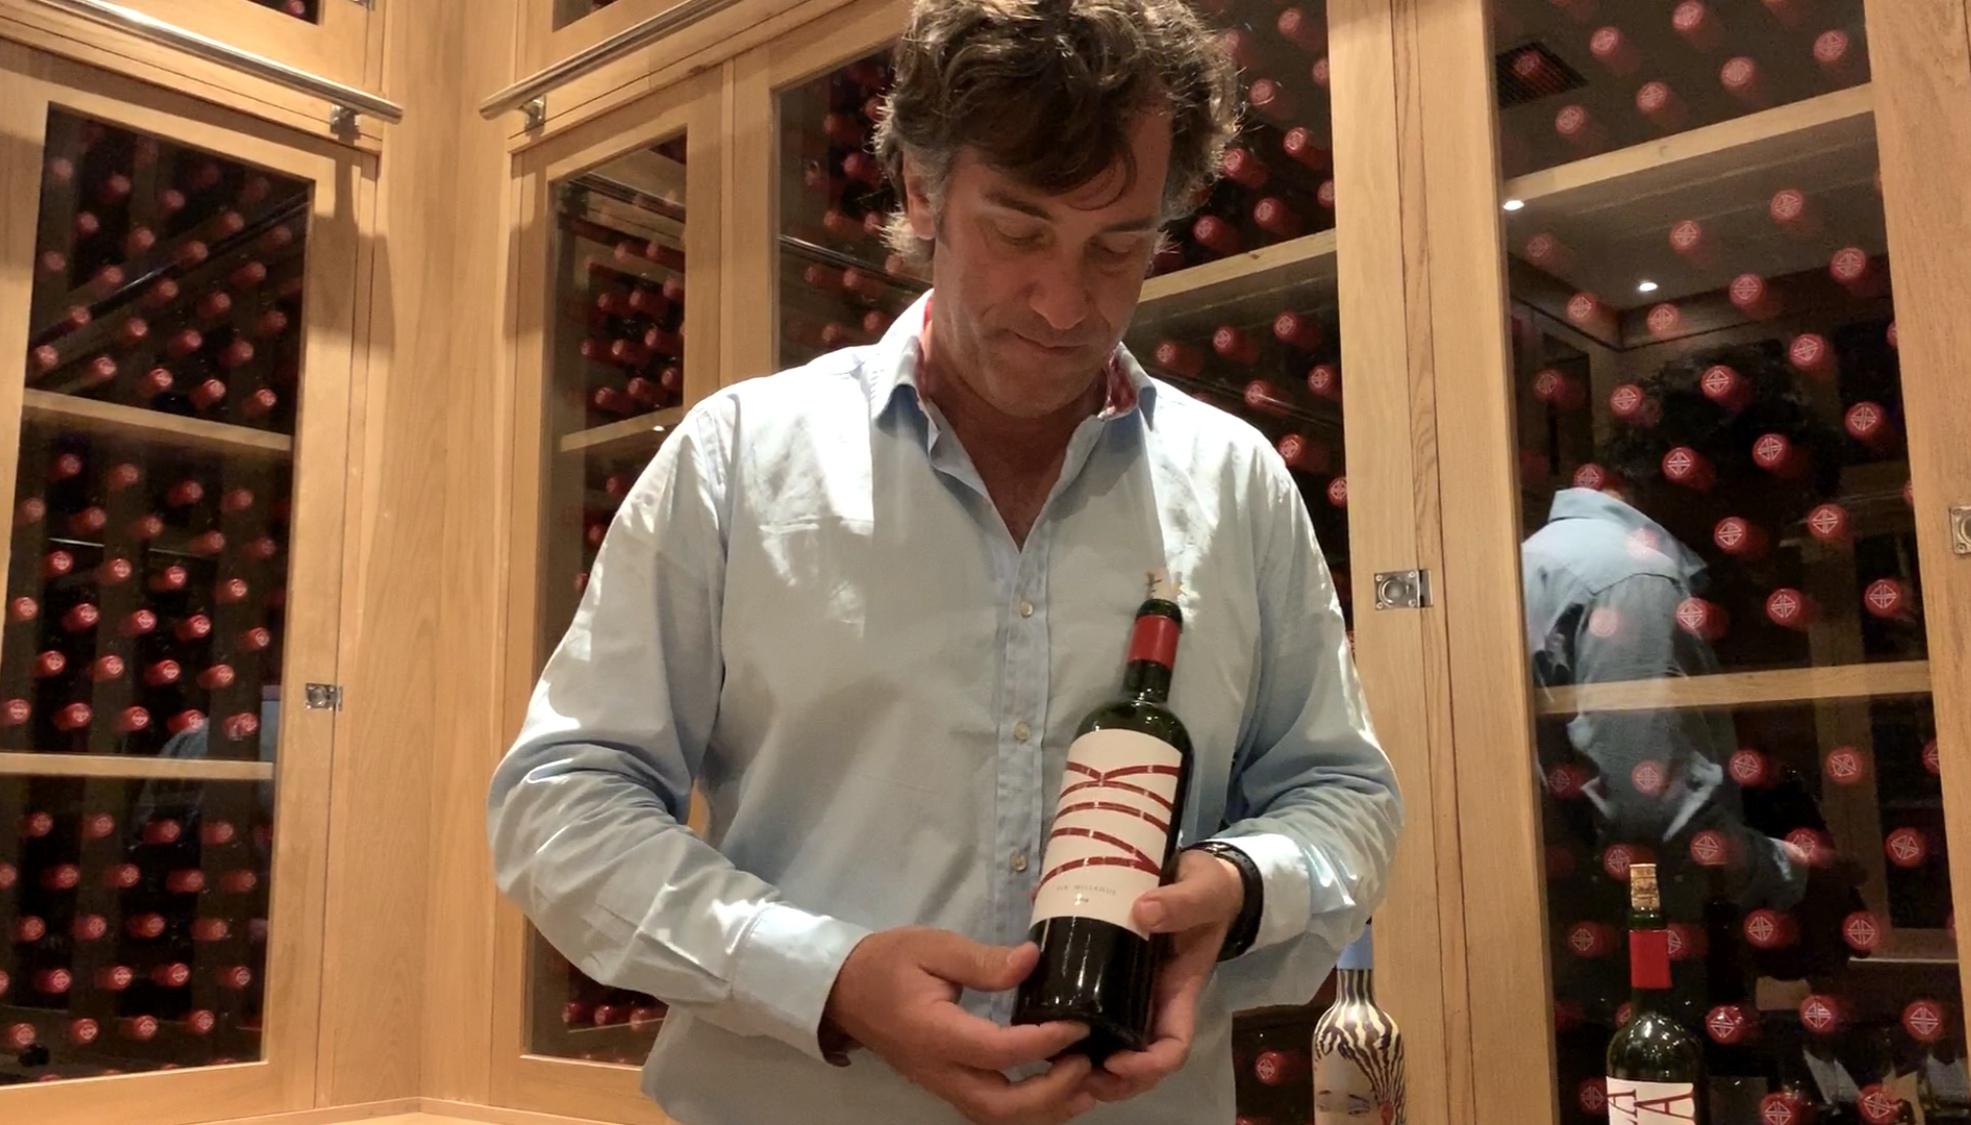 Vina VIK winemaker Cristian Vallejo